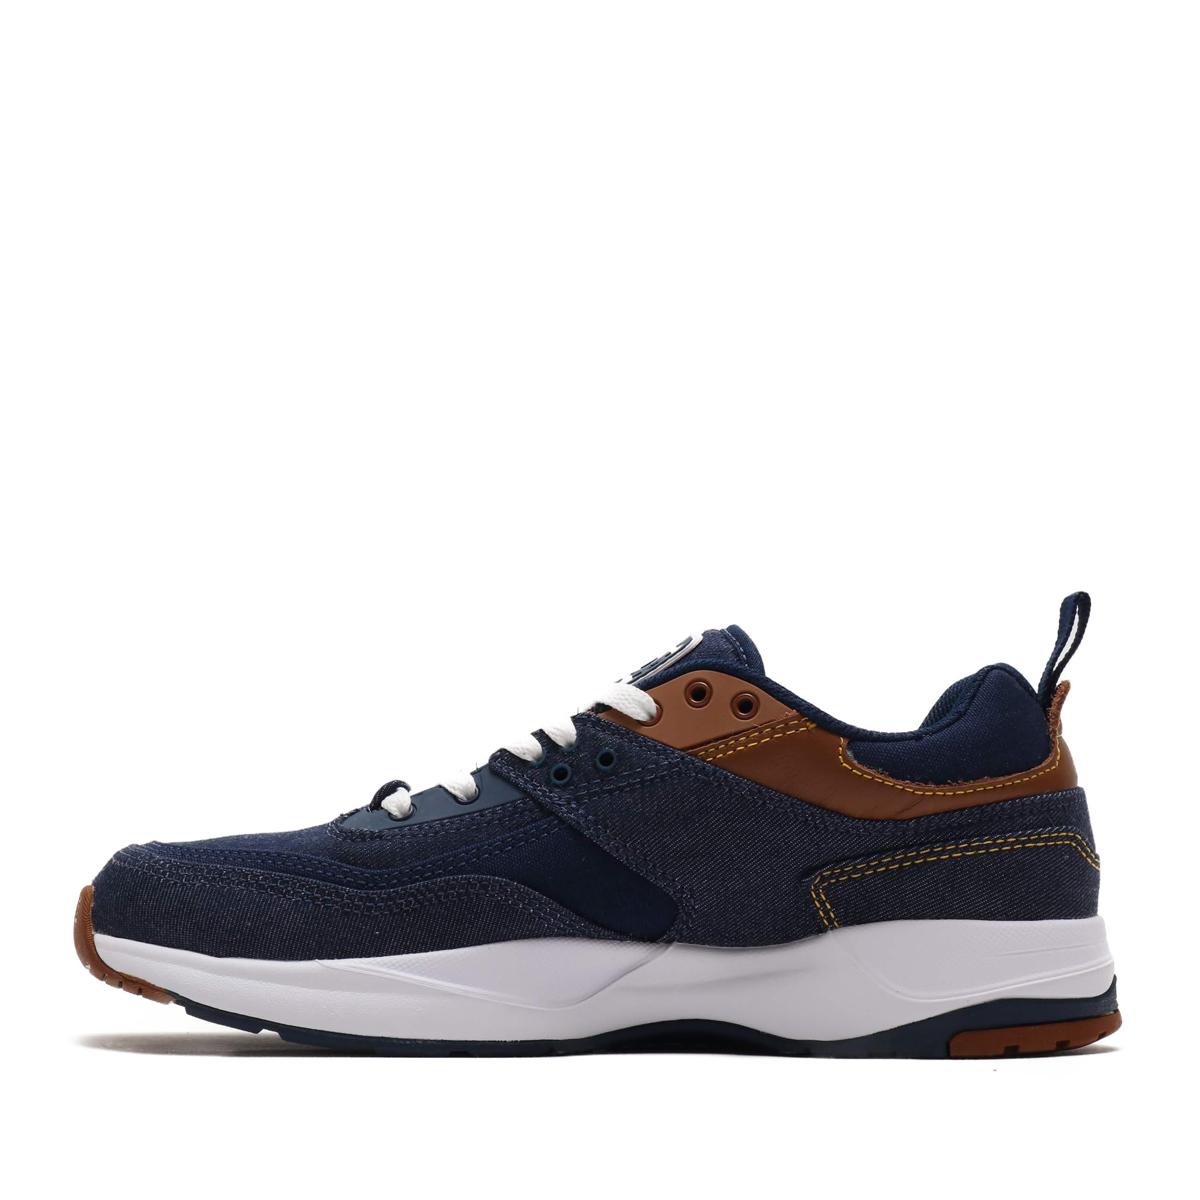 Tx Rye Shoes KineticsDc Sedenimd E tribeka Sea Eat Y6fb7gy